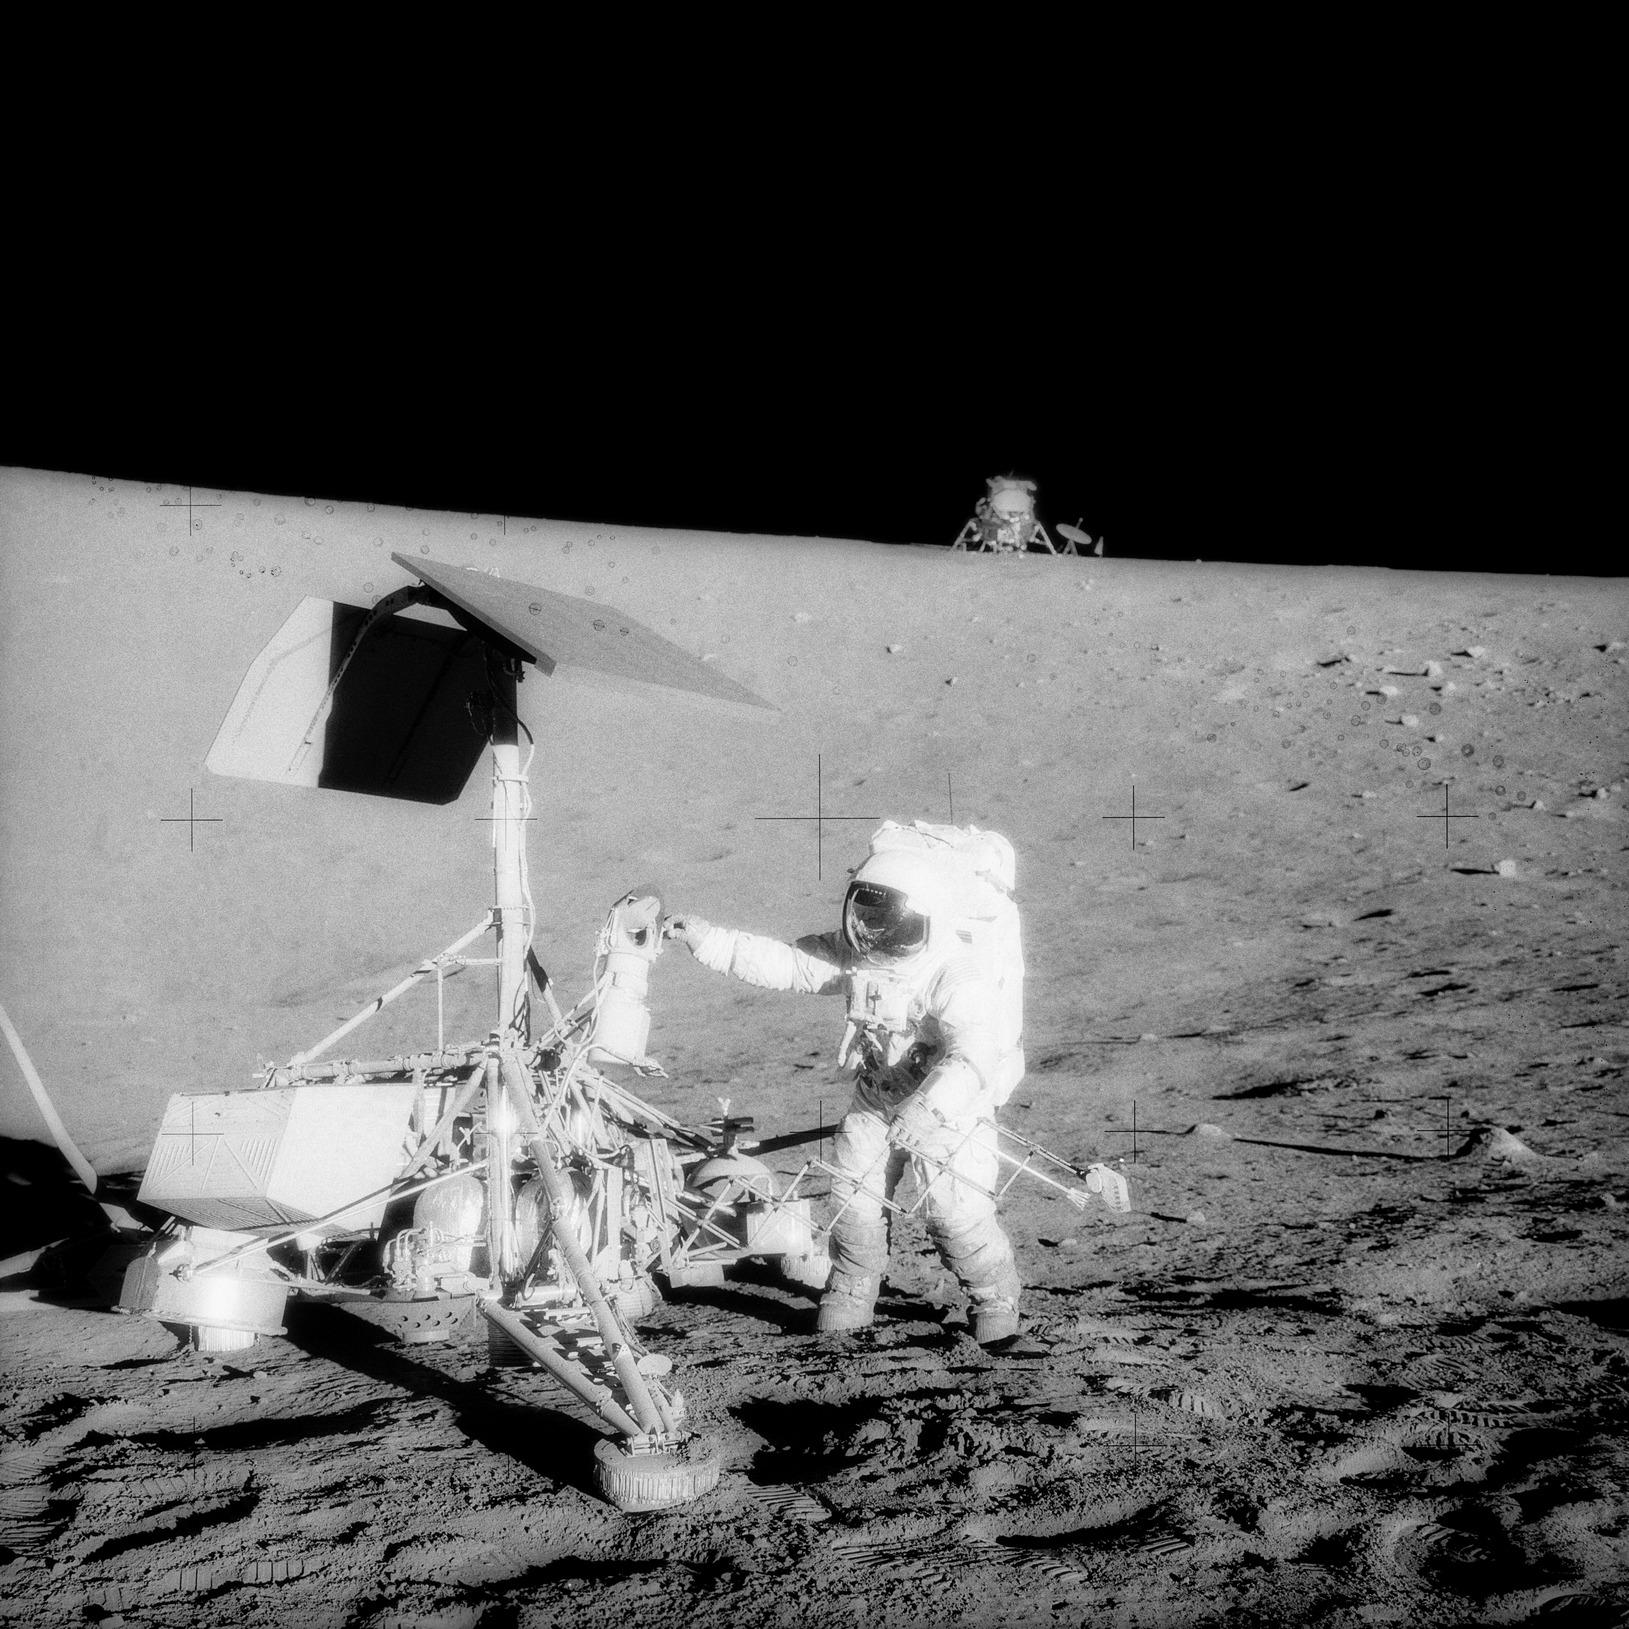 Астронавт Чарлз Конрад осматривает исследовательский космический аппарат «Серевейор-3» (NASA, AS12-48-7134)